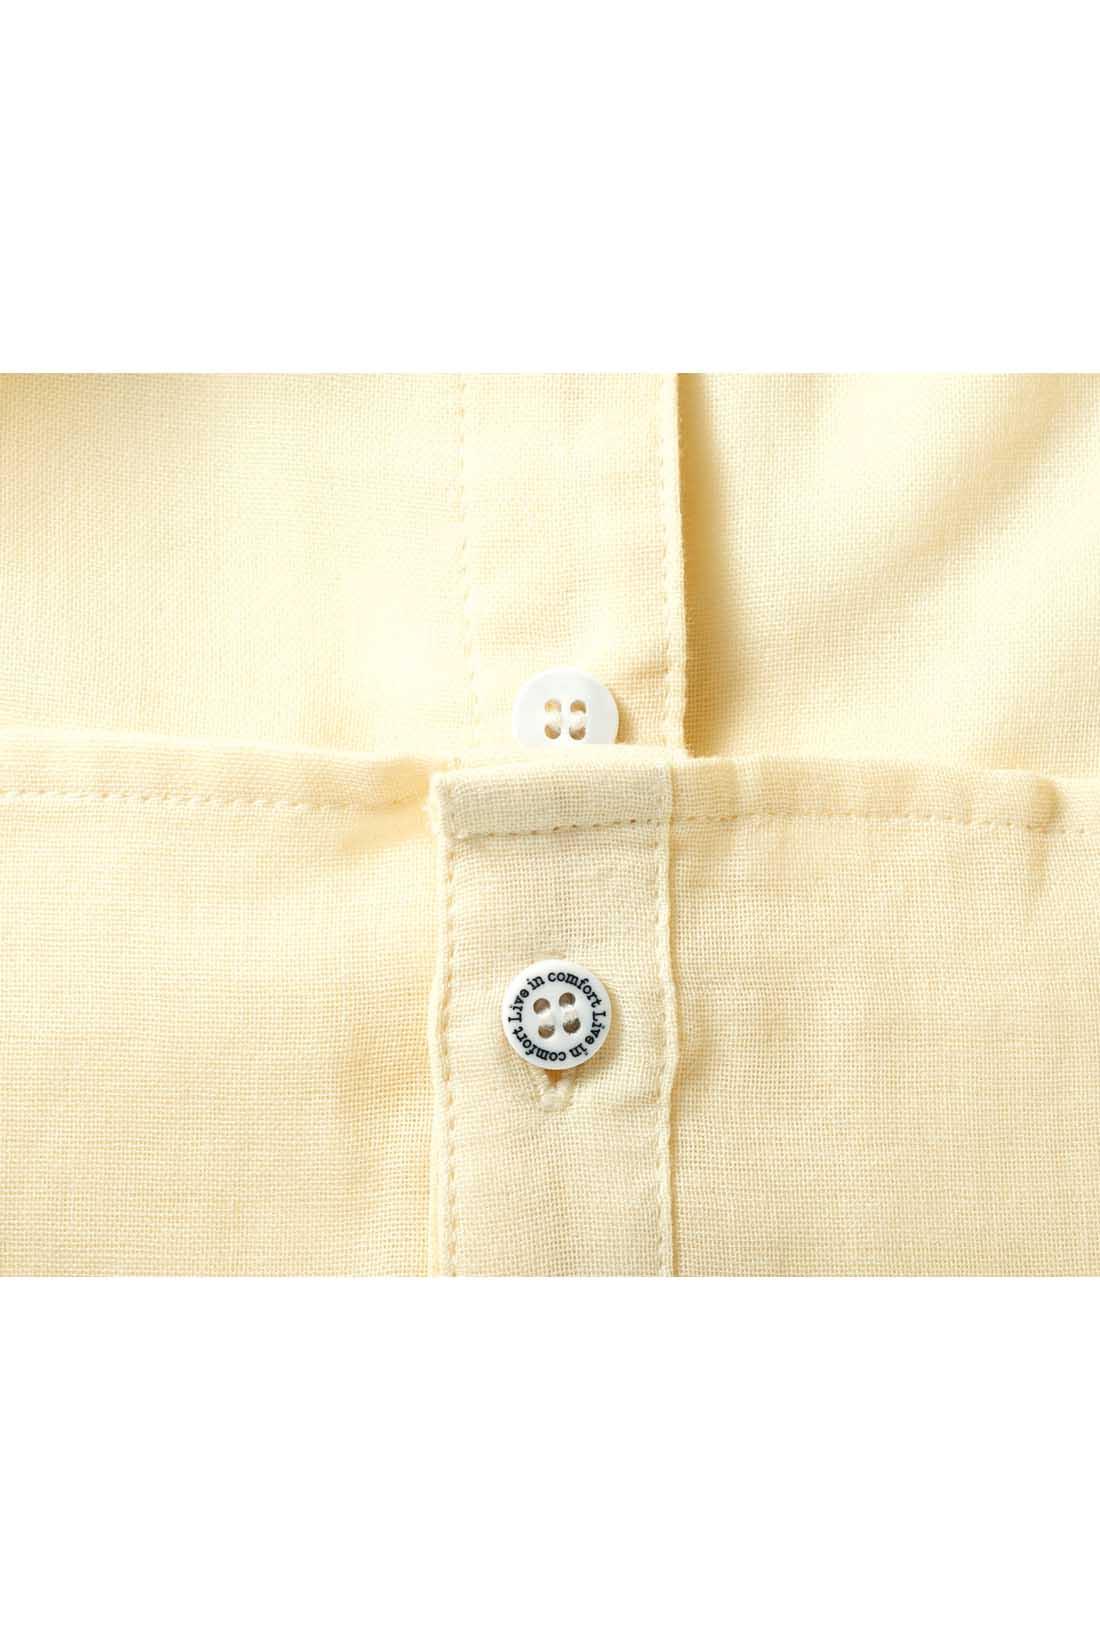 留めるとフロントイン風に見えるロールアップボタン付き。ウエストまわりがもたつかないから印象すっきり。